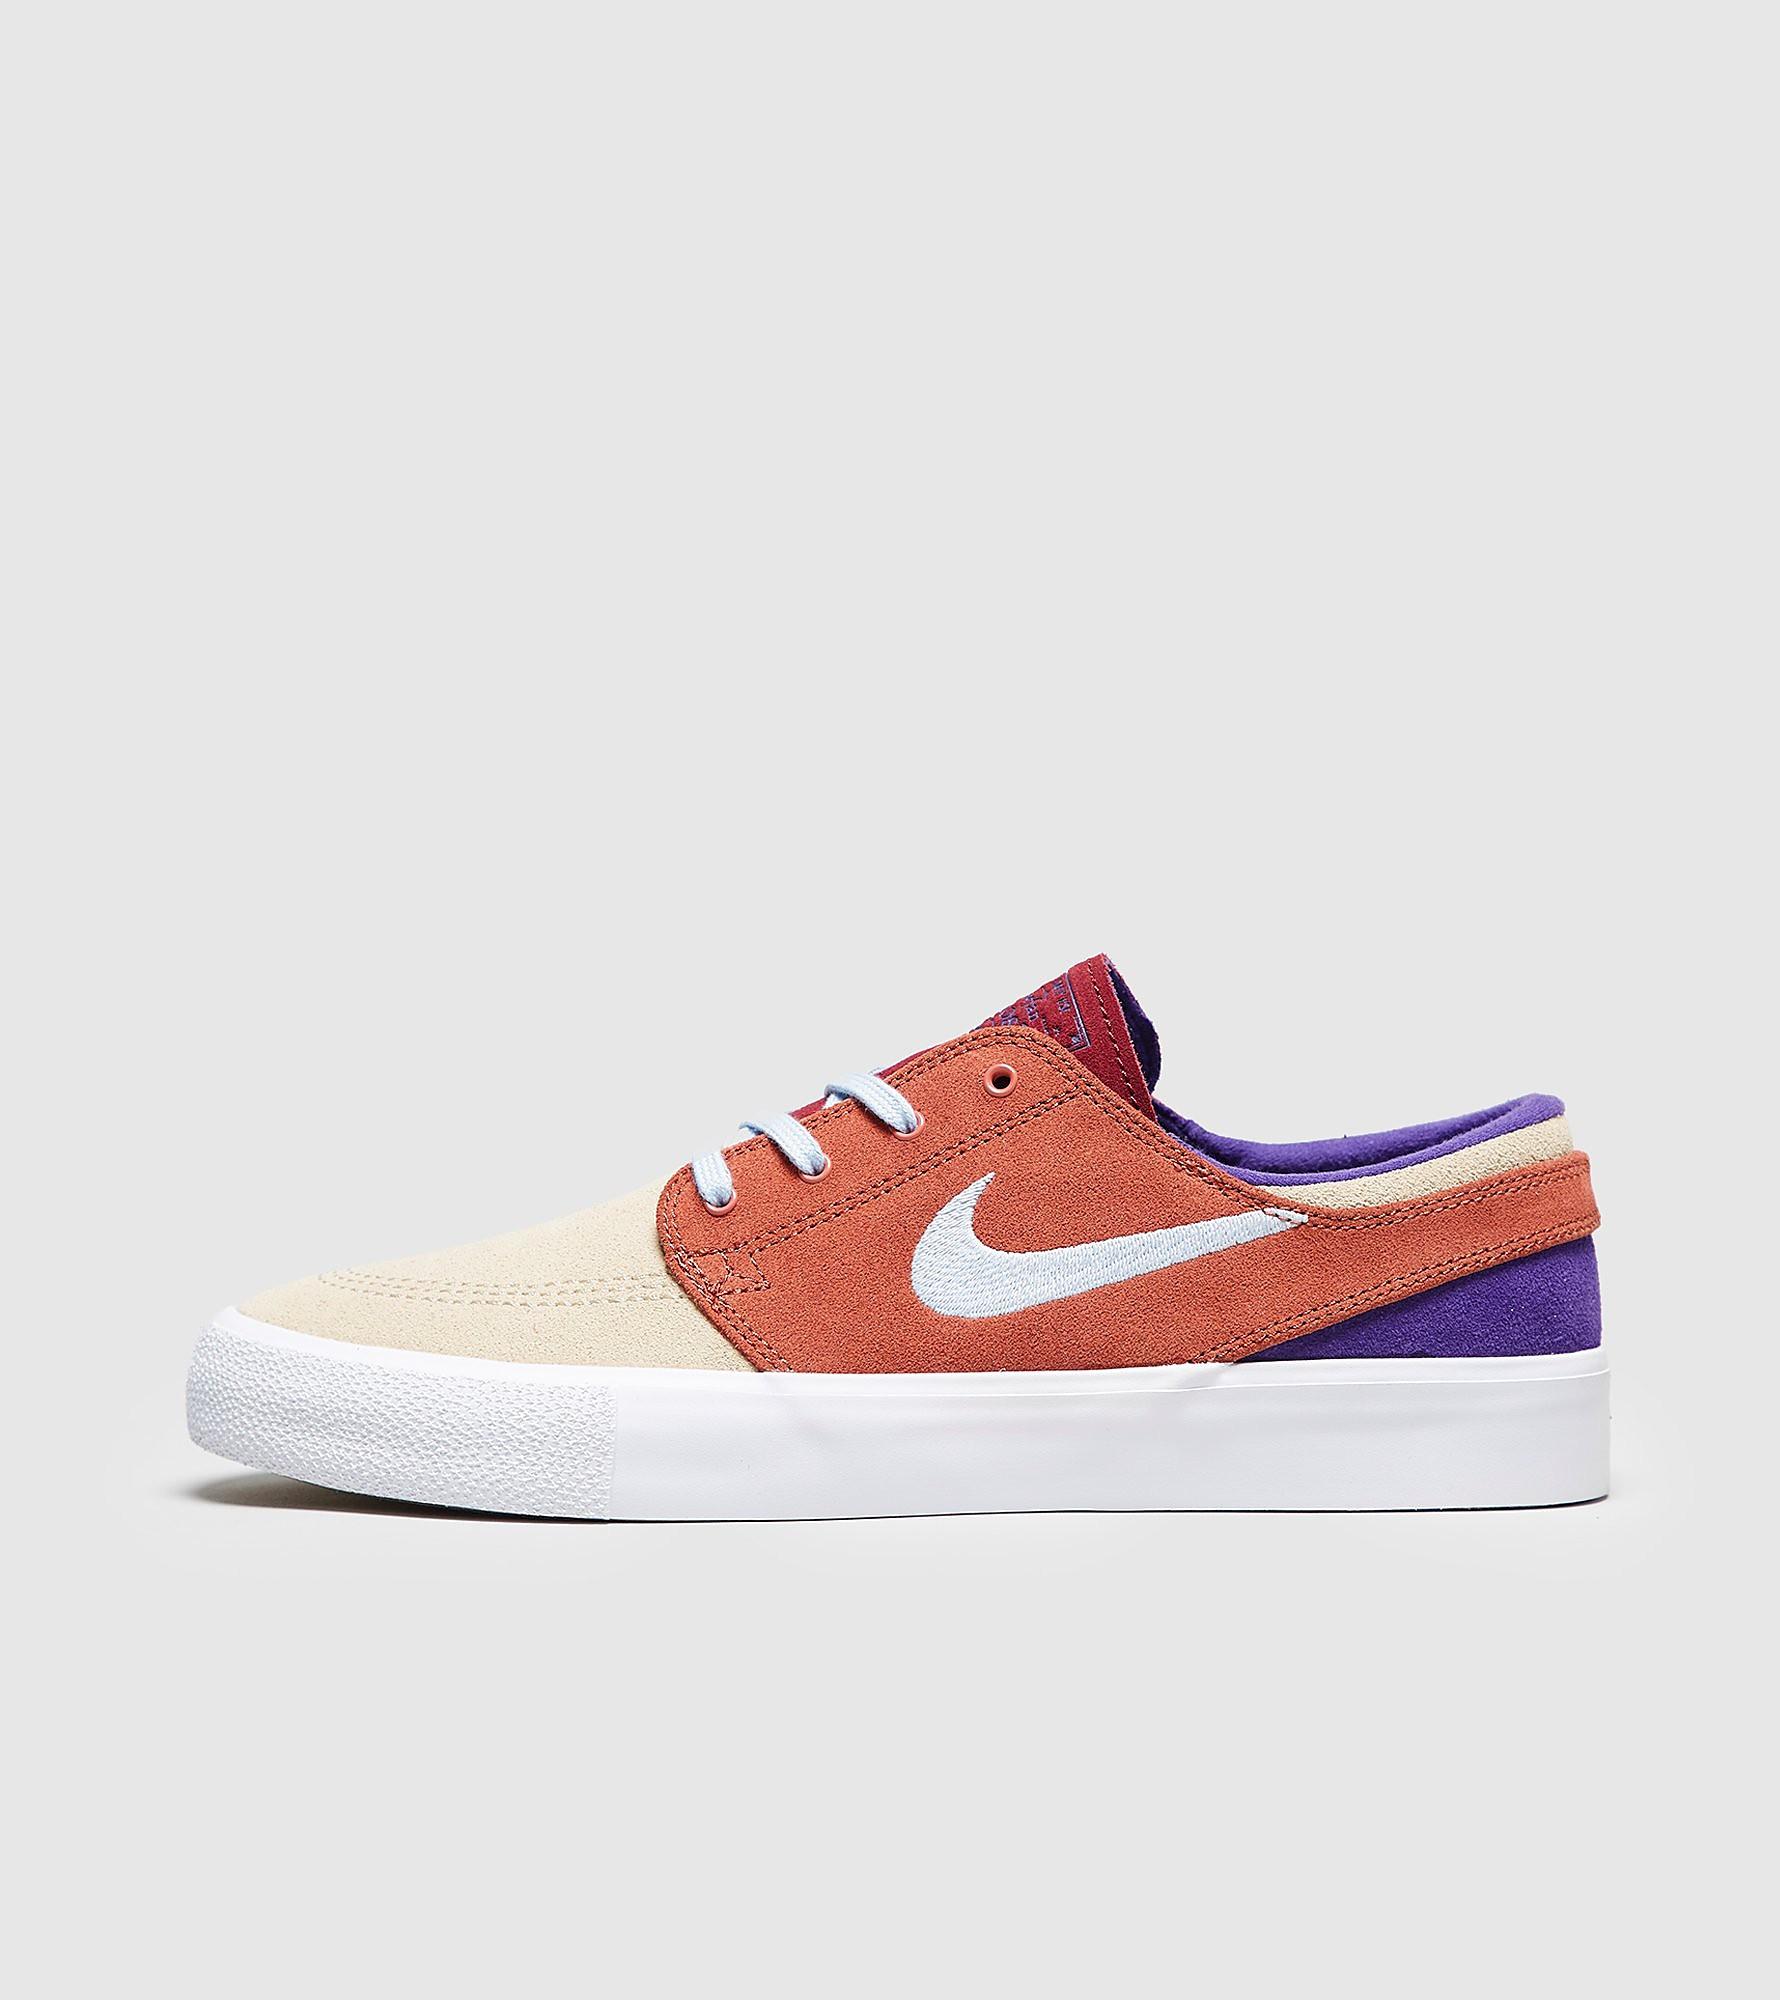 Nike SB Zoom Janoski RM